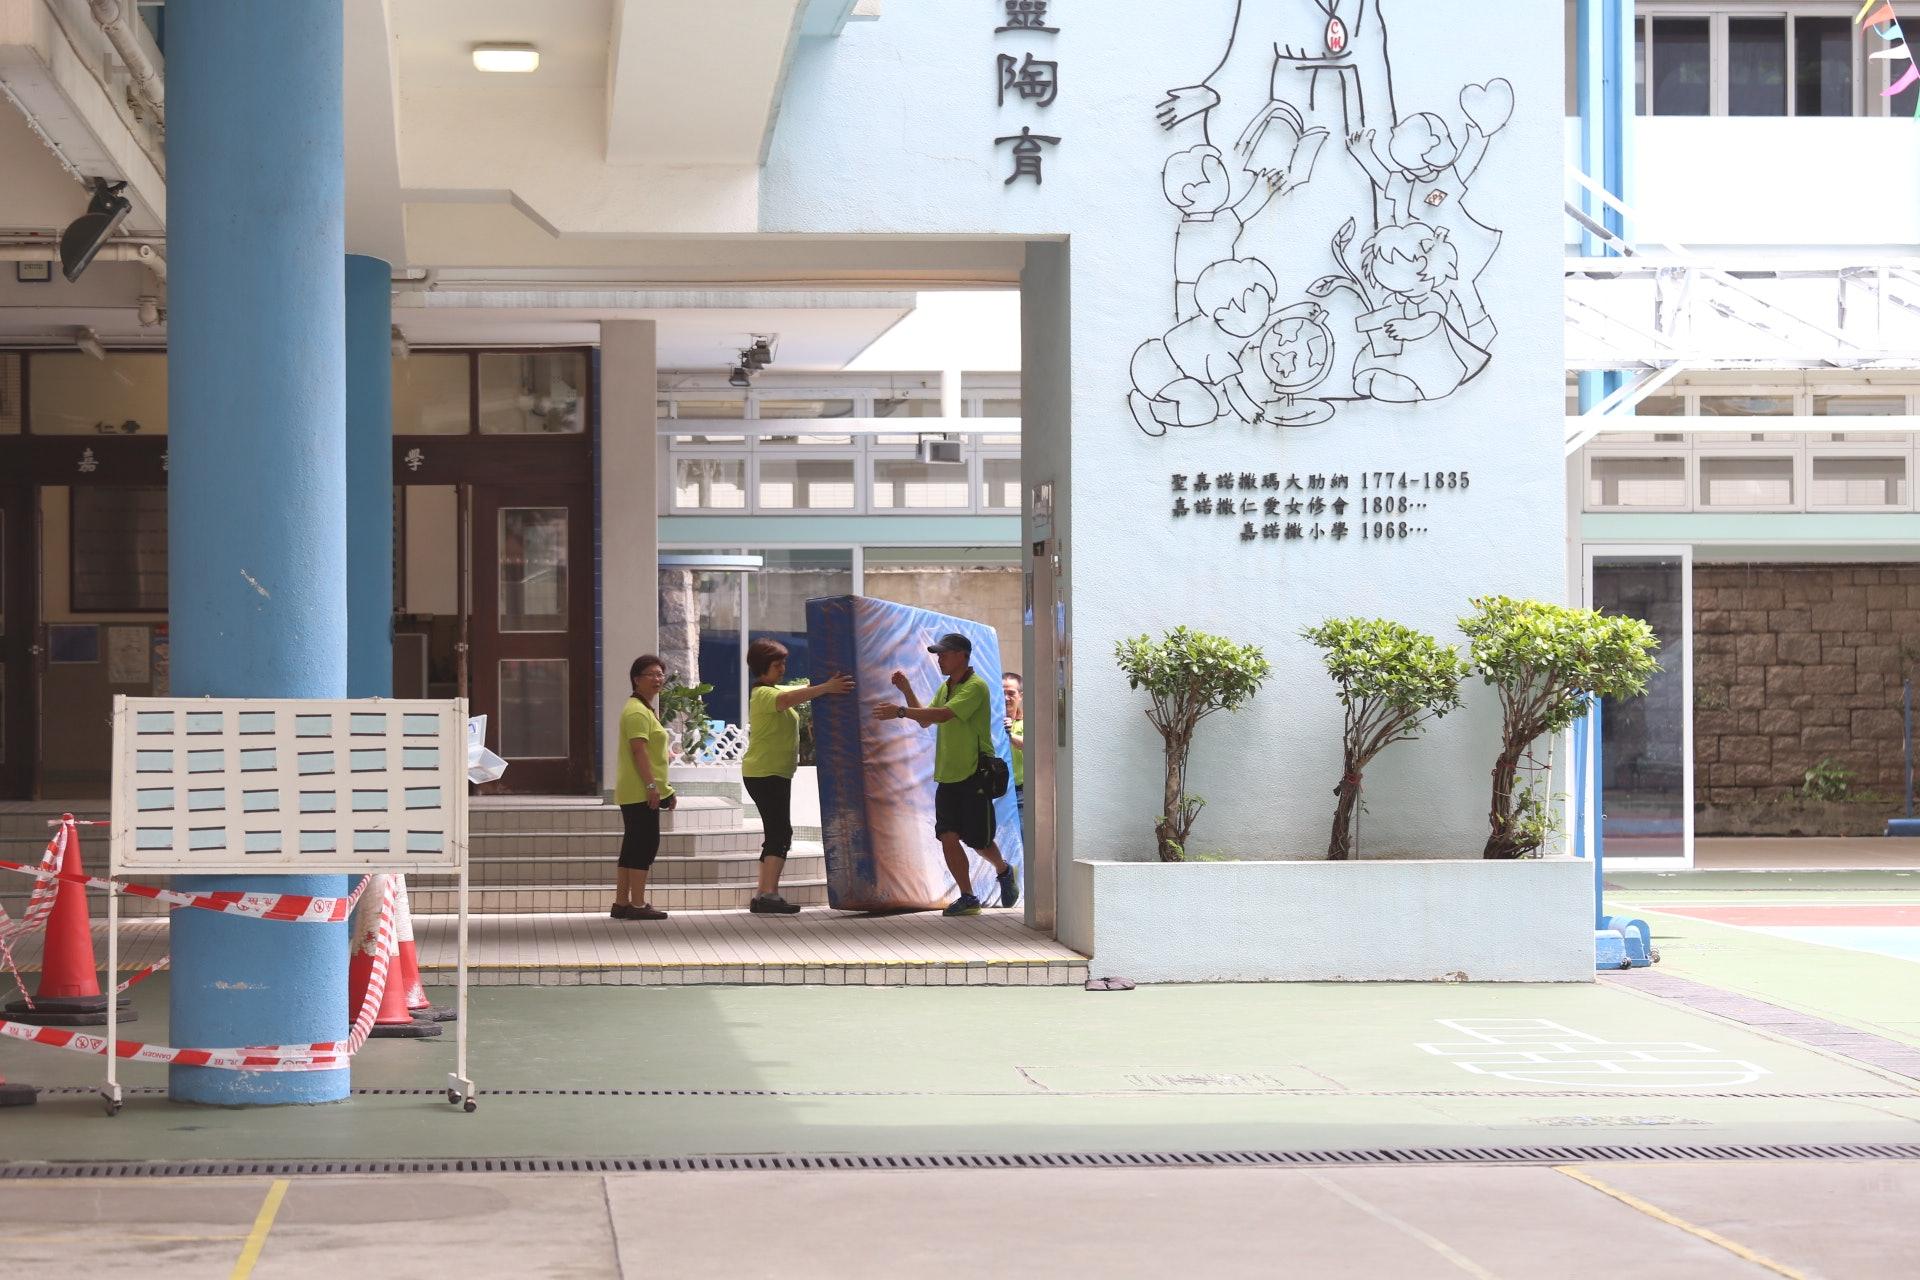 家長與校長開會談判不果危坐平台職員急搬軟墊應急救命 香港01 社會新聞